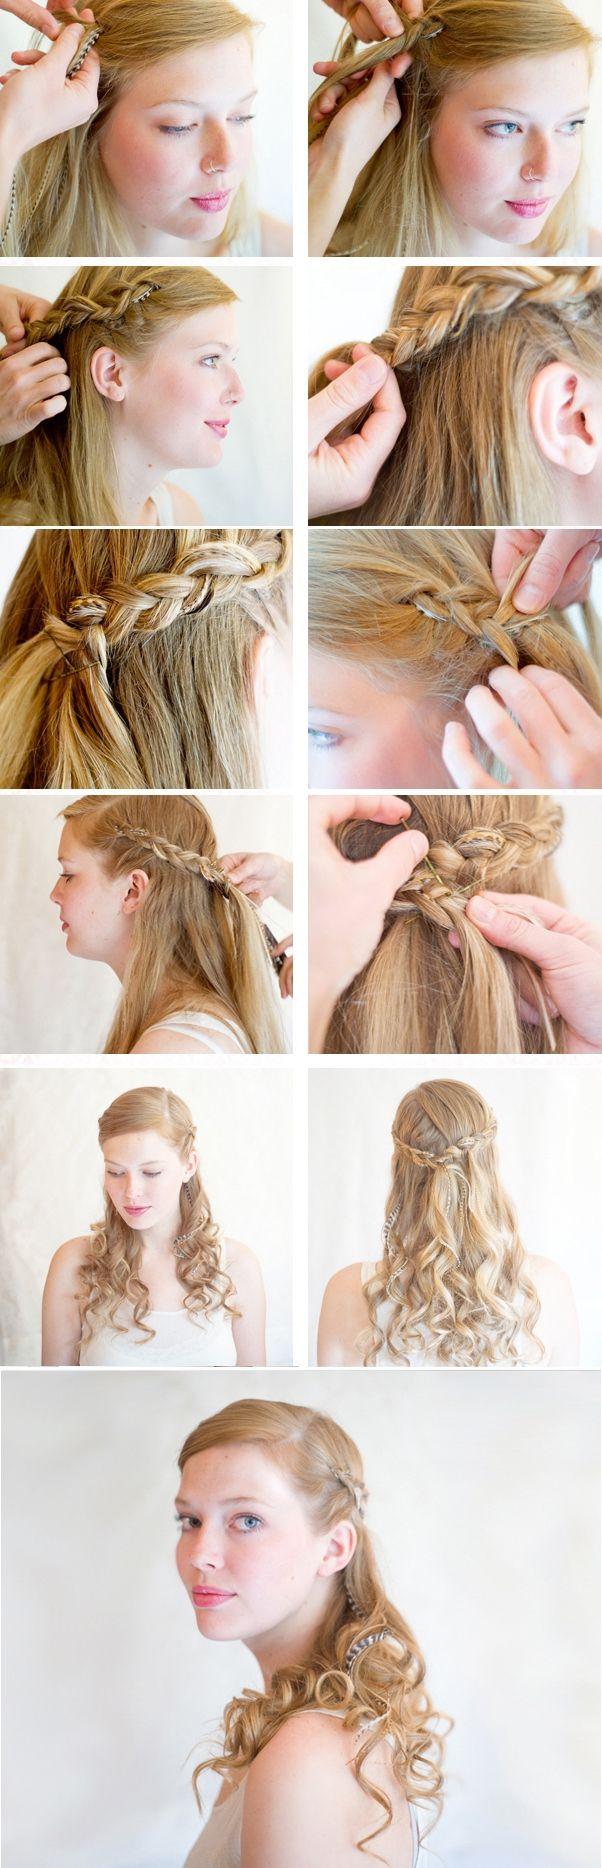 Коса вокруг головы   Как заплести косу вокруг головы